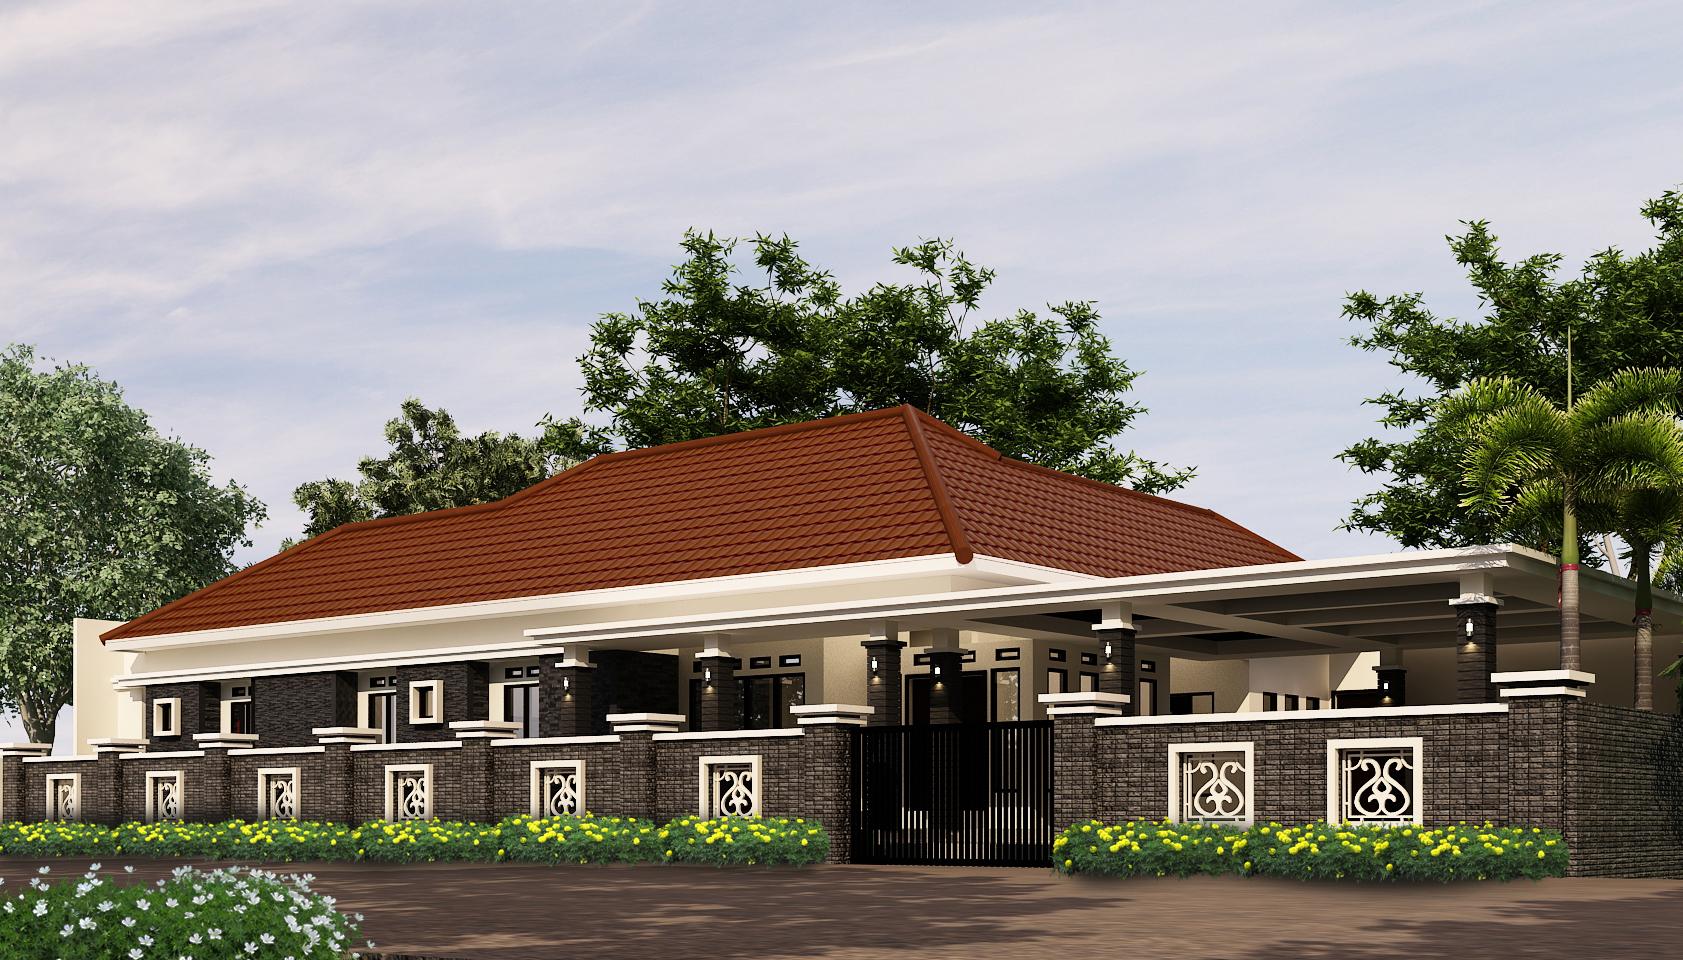 Desain Rumah Mewah 1 Lantai Jasa Desain Rumah Bangun Rumah